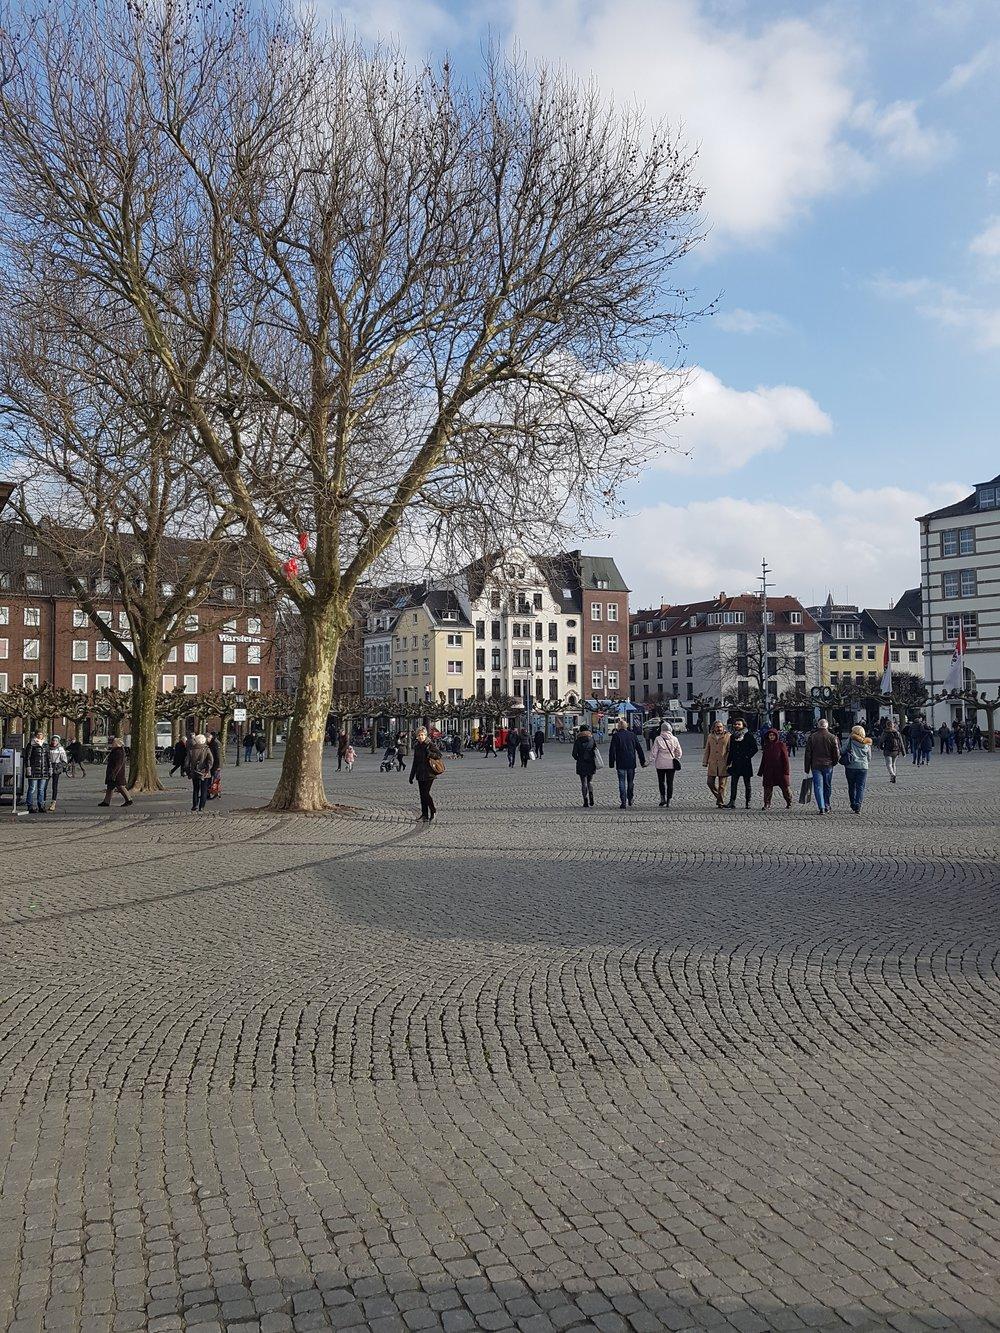 Dusseldorf town centre